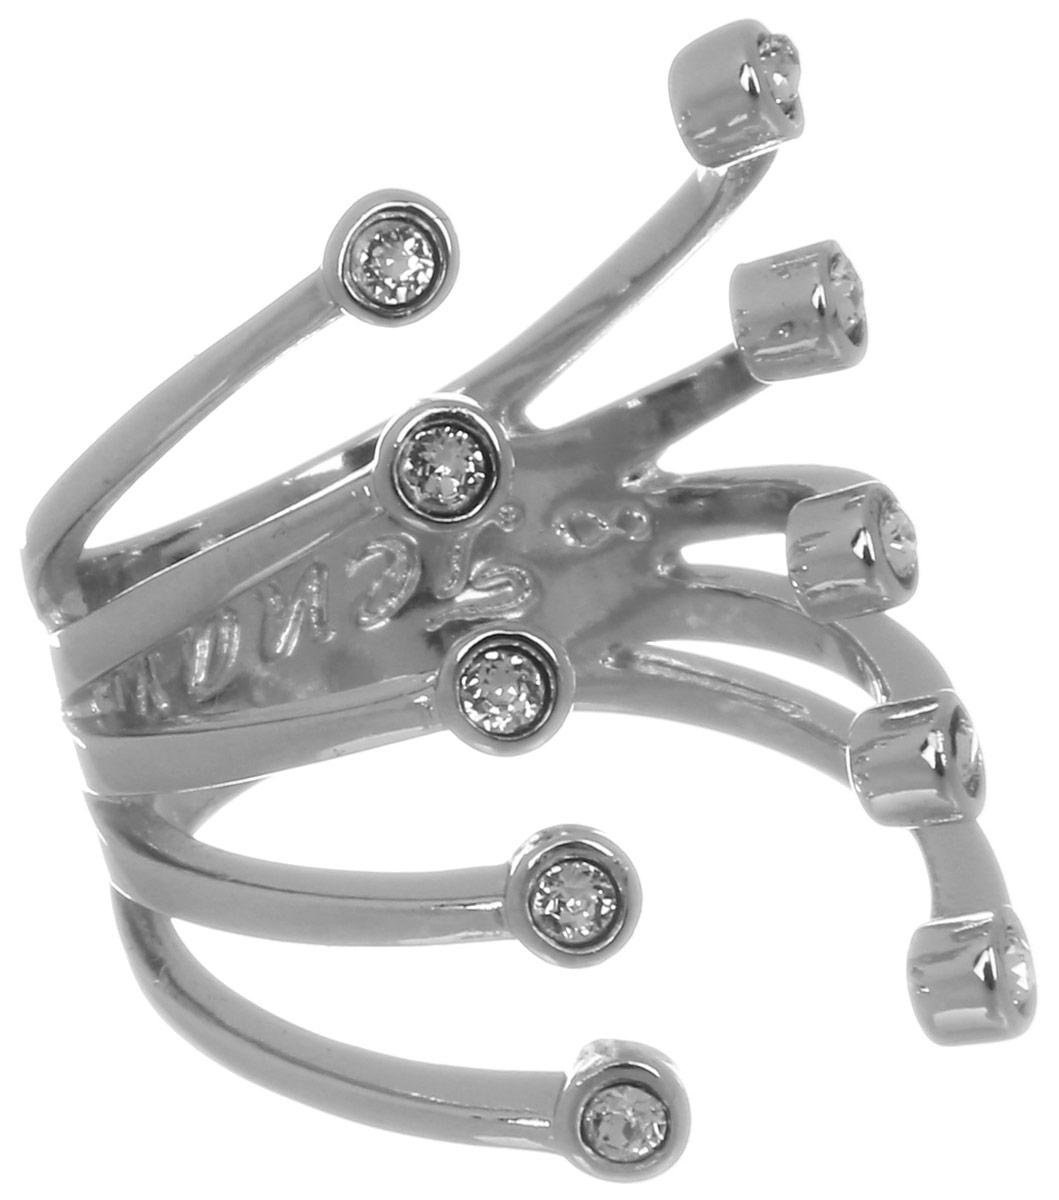 Jenavi, Коллекция Триада, Пурина (Кольцо), цвет - серебряный, белый, размер - 18f694f000Коллекция Триада, Пурина (Кольцо) гипоаллергенный ювелирный сплав,Серебрение c род. , вставка Кристаллы Swarovski , цвет - серебряный, белый, размер - 18